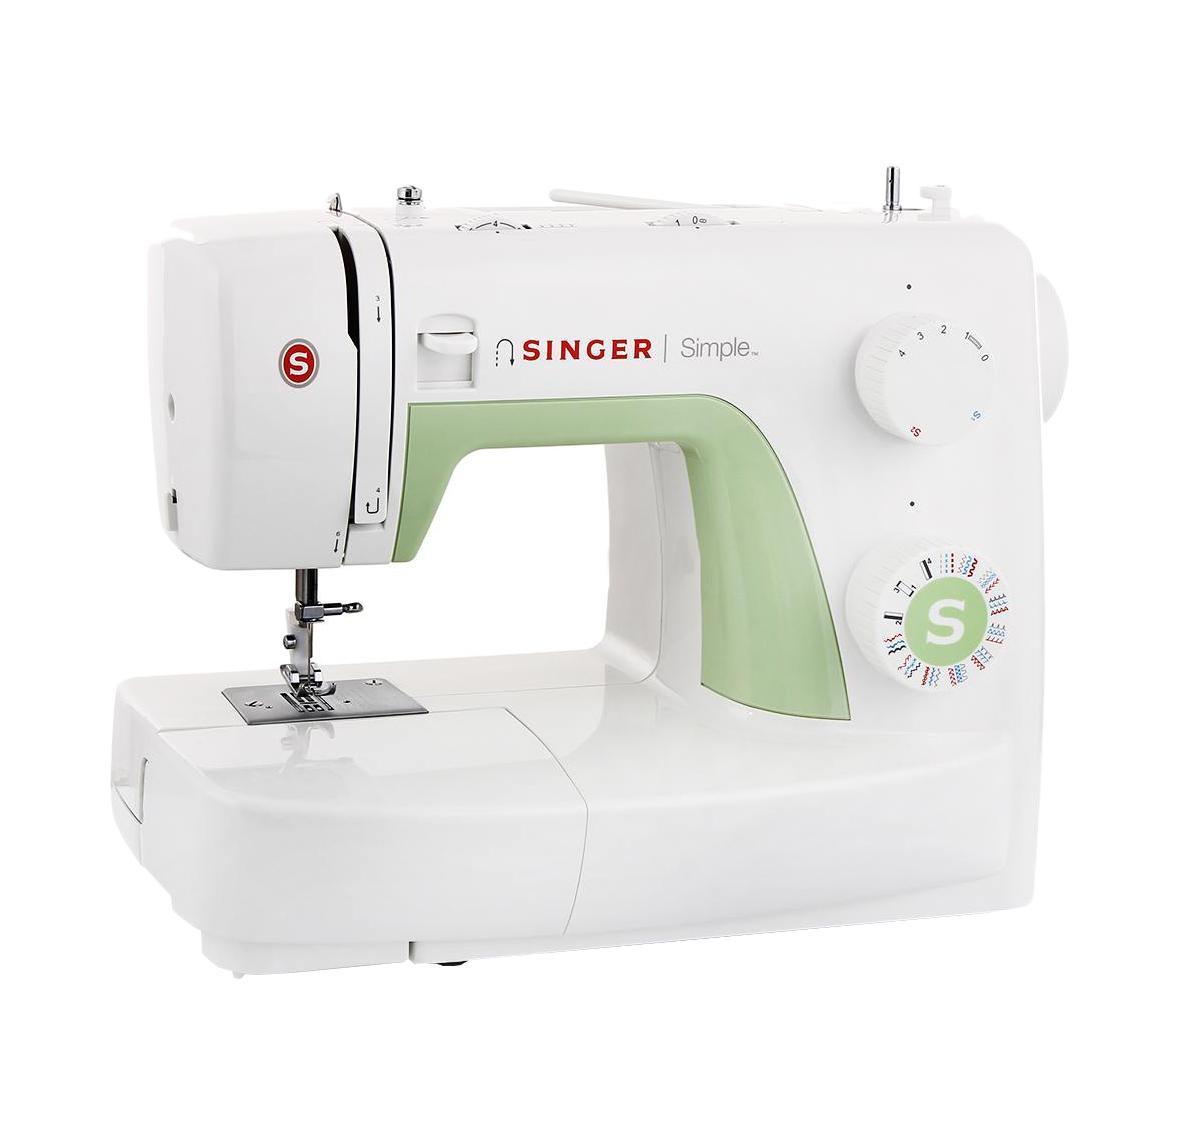 Singer 3229 швейная машина3229Классическая швейная машина Singer Simple 3229 имеет богатый набор строчек, включая множество декоративных, умеет делать все основные швейные операции и отлично подойдет для обучения шитью, шитья и ремонта одежды, шитья предметов домашнего обихода и для других подобных работ.